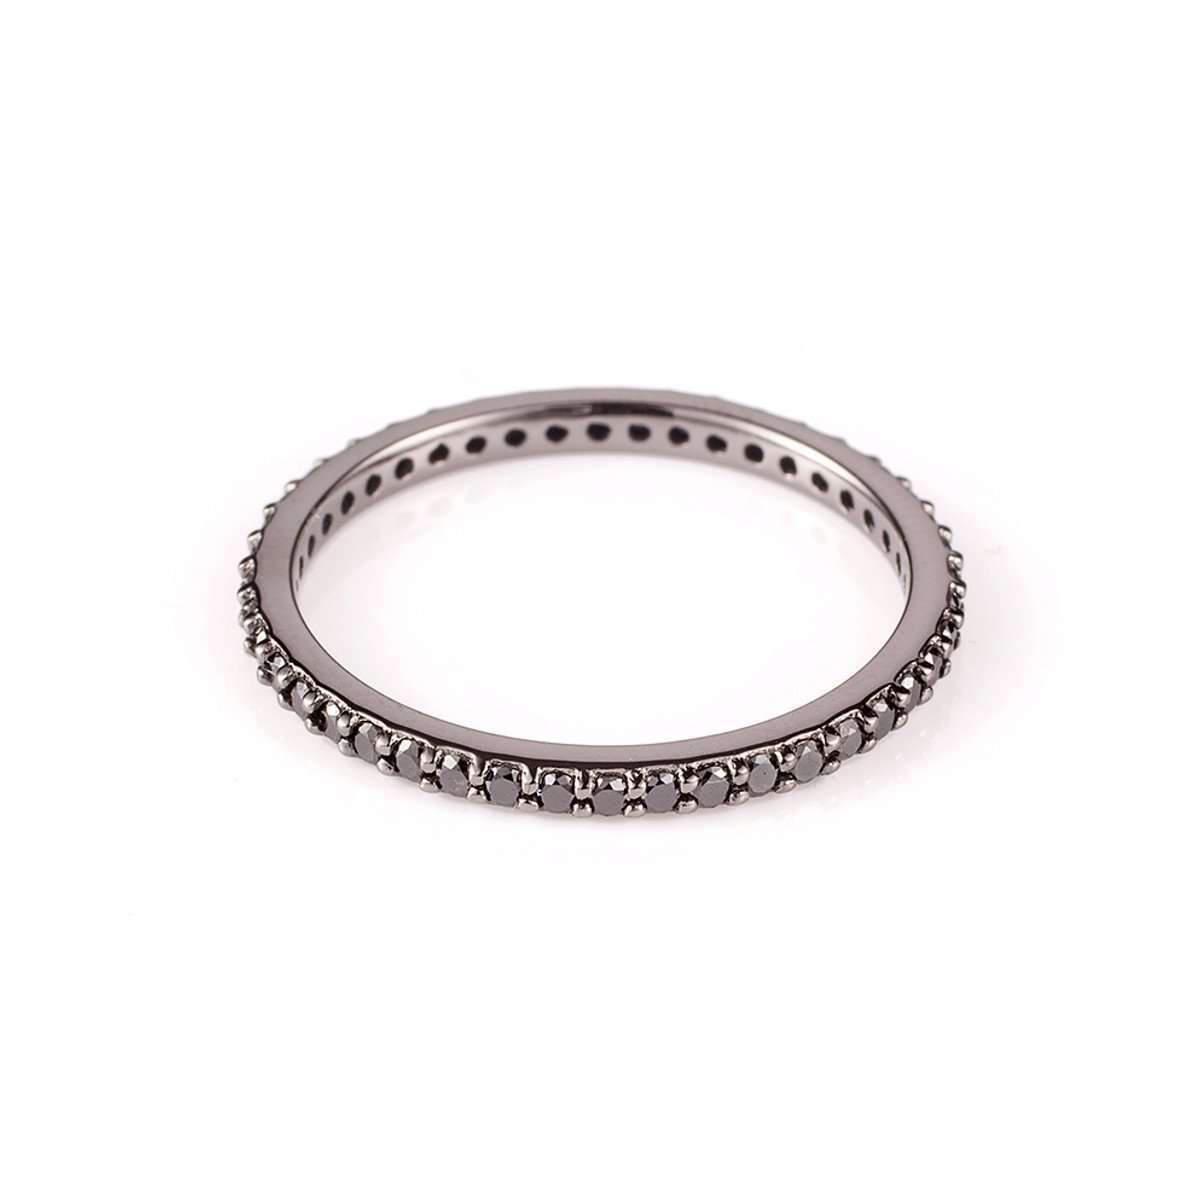 Patience Jewellery Fern Ring - UK L - US 5 1/2 - EU 51 3/4 hNT0O8u4x